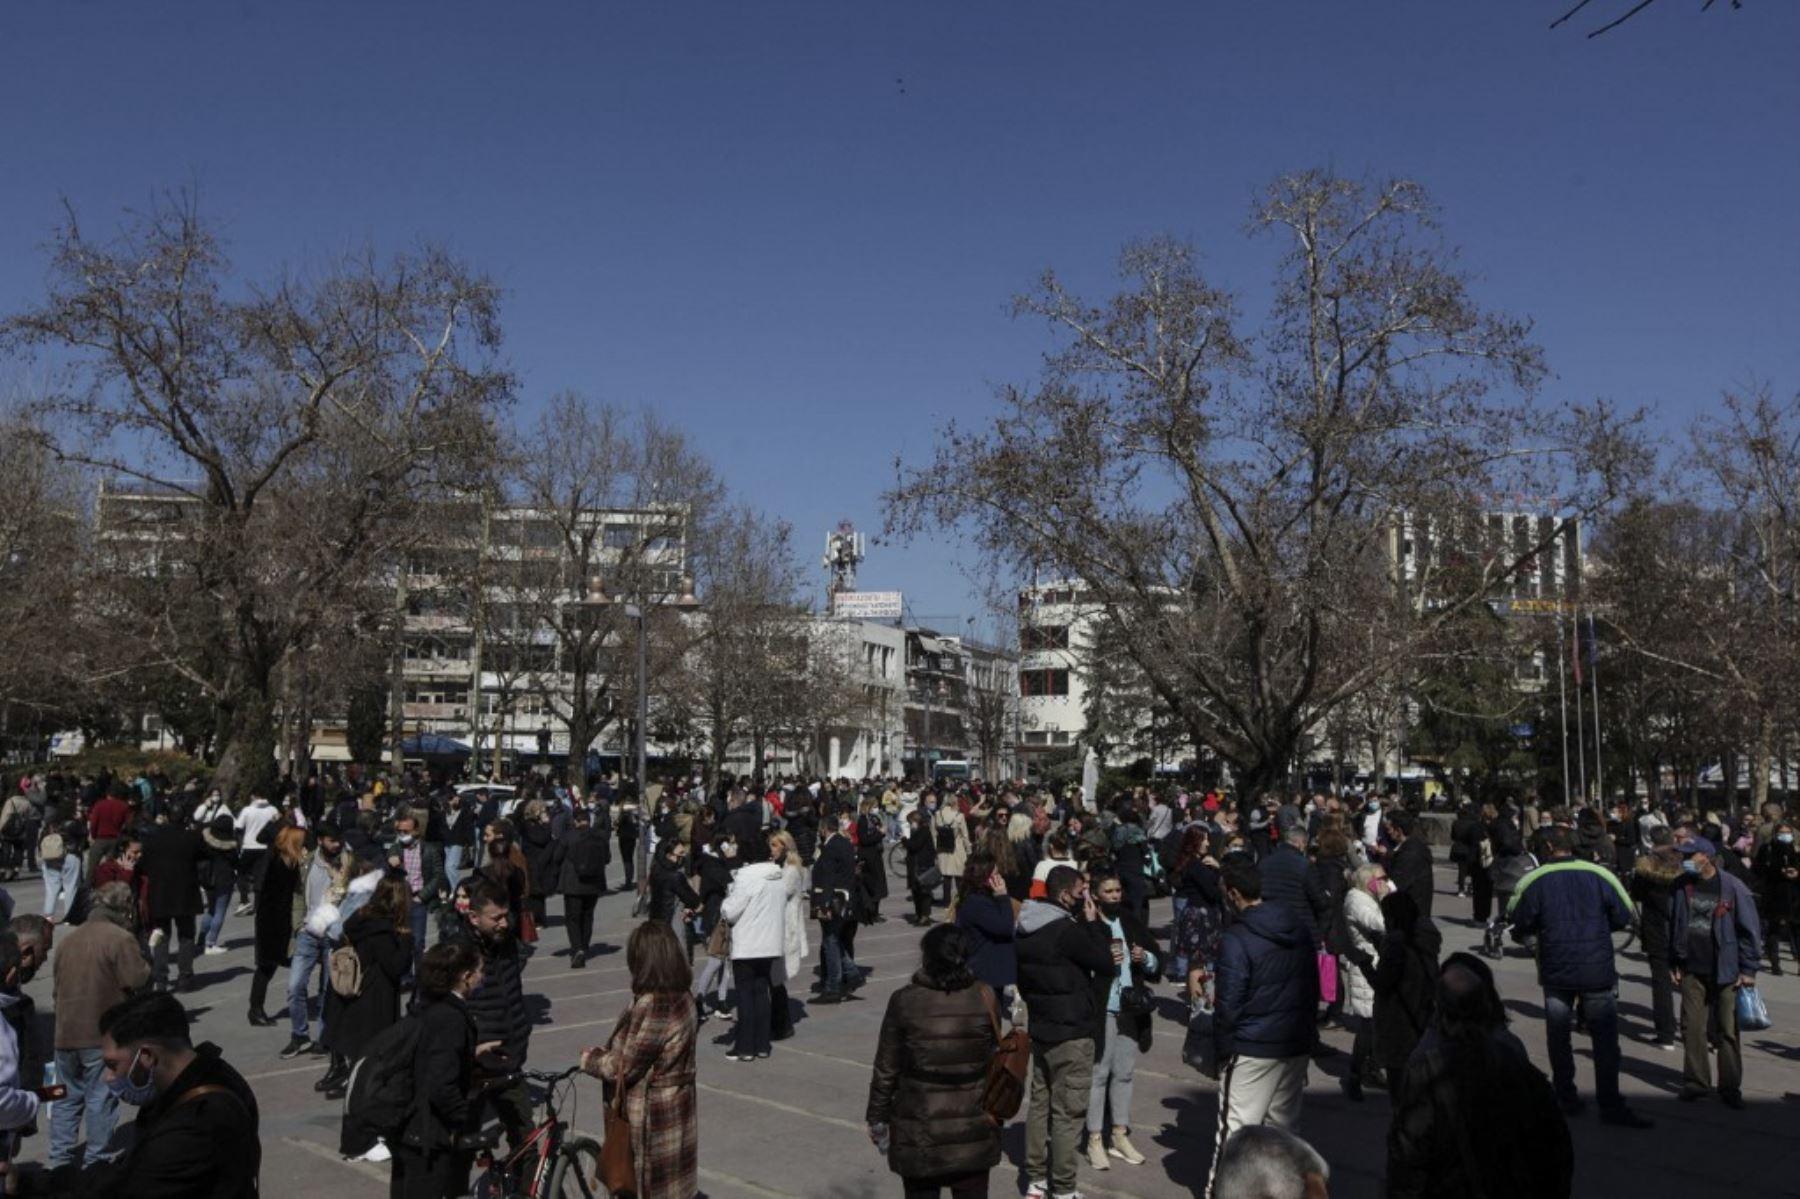 Un sismo de intensidad 6,3, se registró cerca de la ciudad griega de Larisa, cuyos habitantes salieron a la calle asustados por el temblor, informaron medios locales. Foto: AFP